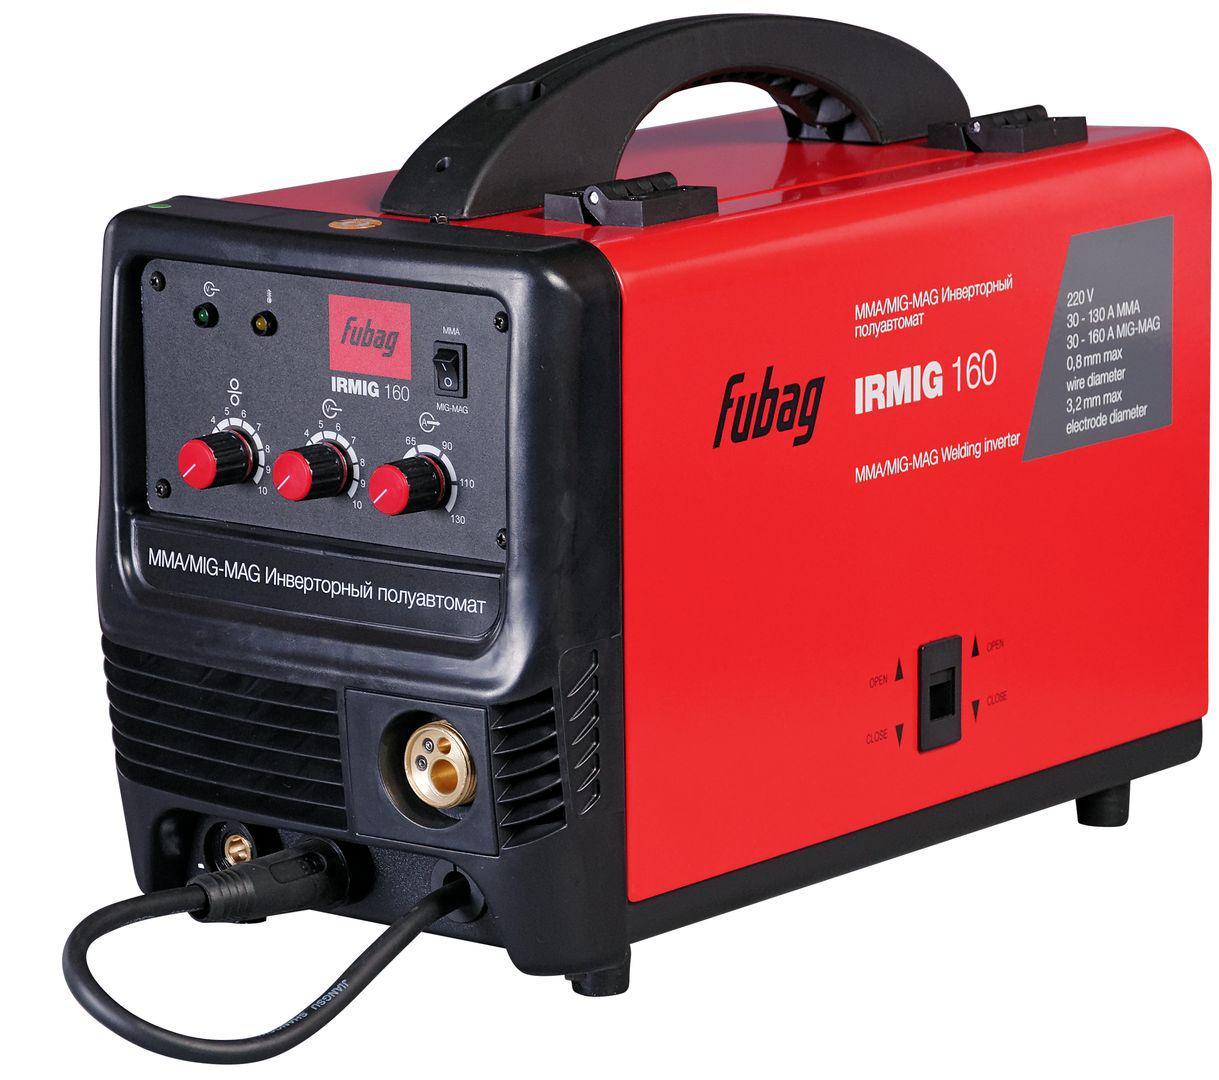 Сварочный полуавтомат Fubag Irmig 160 38607 + горелка fb 150 3 м сварочный полуавтомат fubag irmig 160 38607 горелка fb 150 3 м инвертор